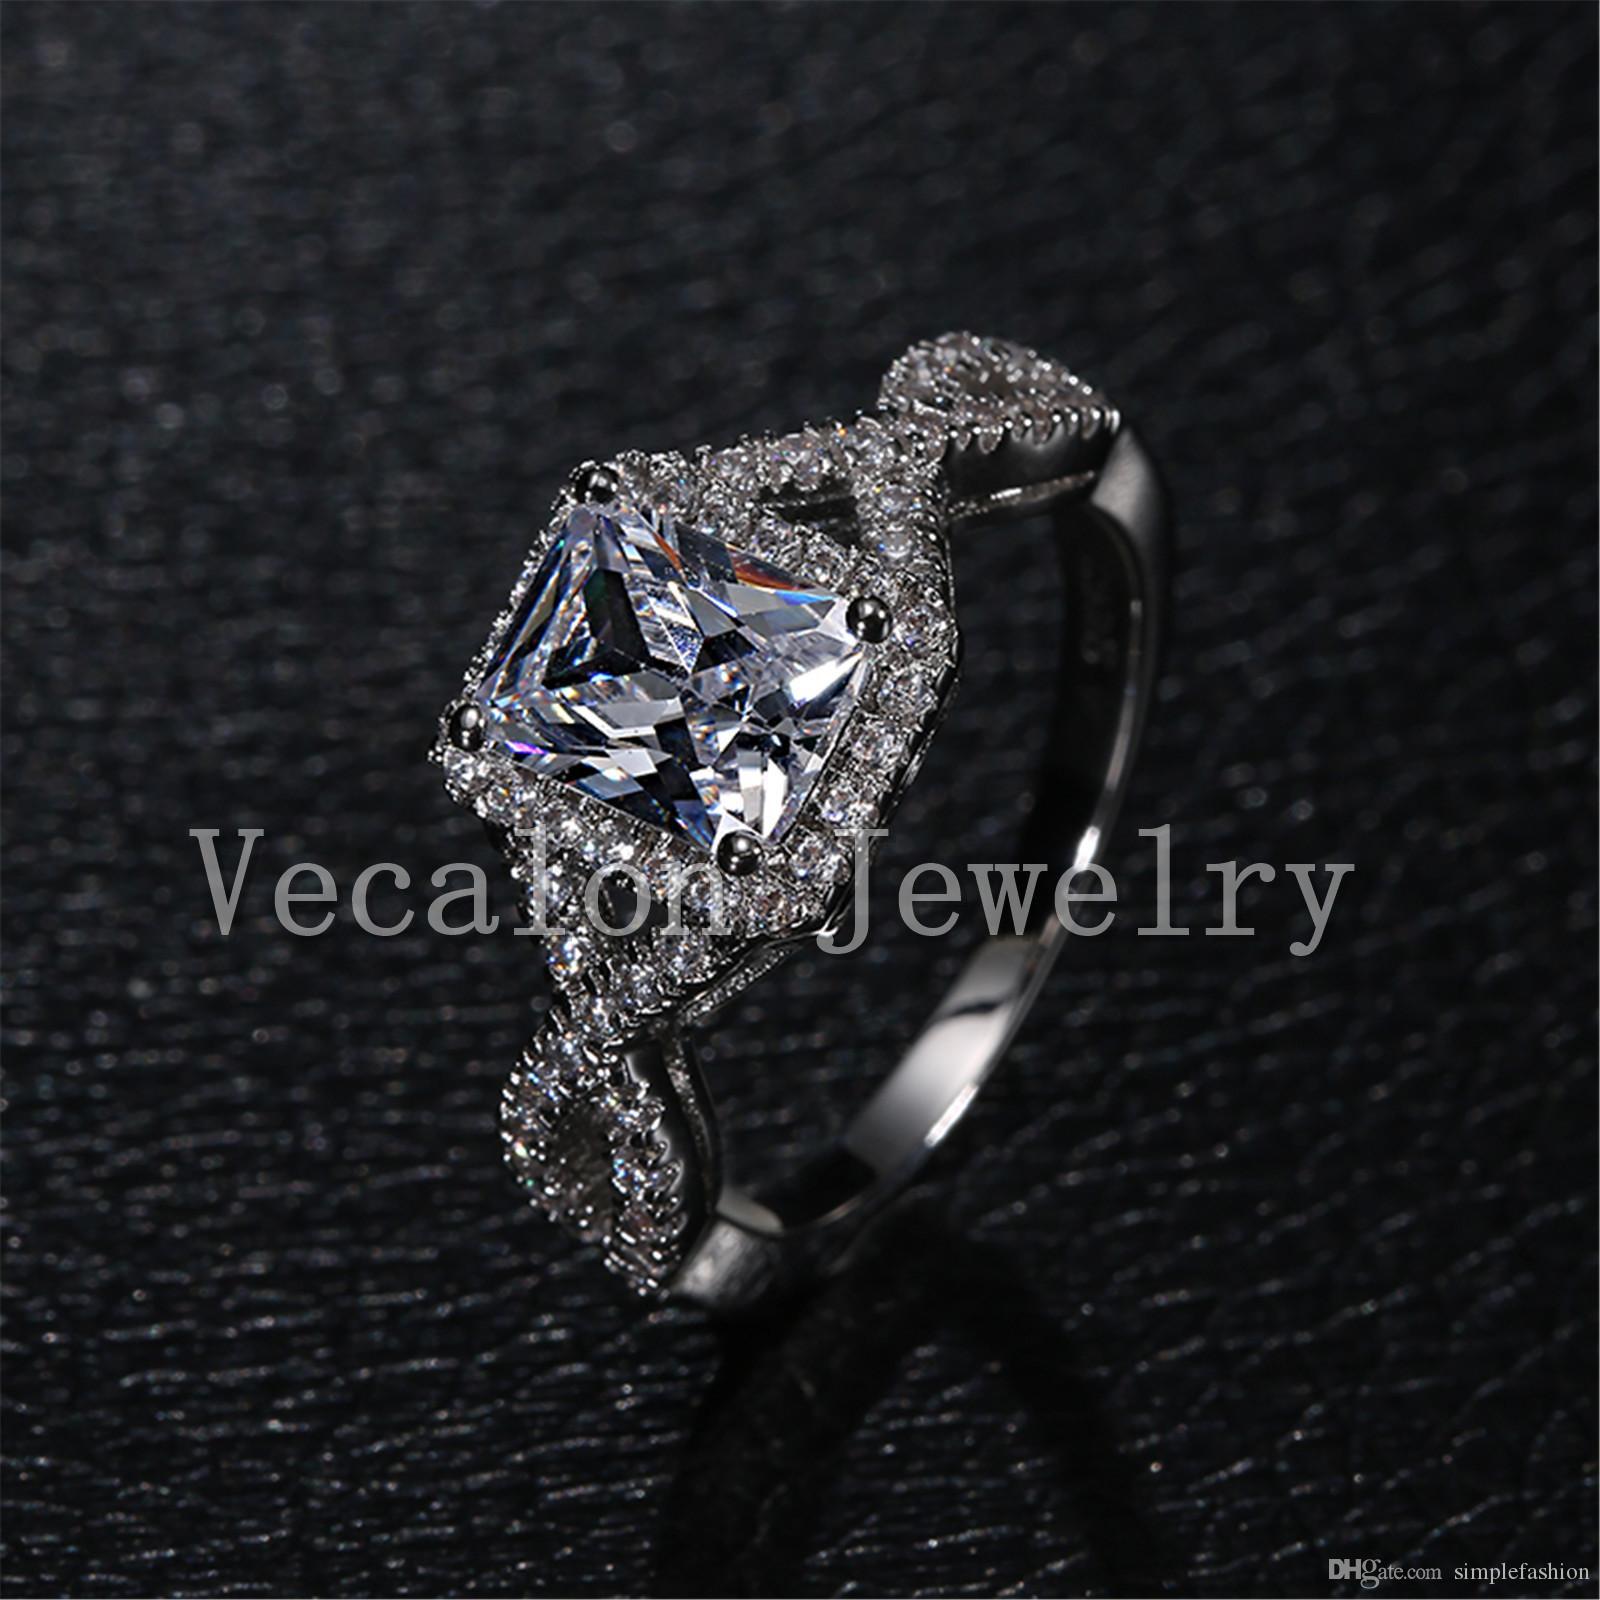 여성을위한 Vecalon 패션 수제 약혼 결혼 반지 공주 컷 4CT Cz를 시뮬레이션 다이아몬드 925 스털링 실버 반지